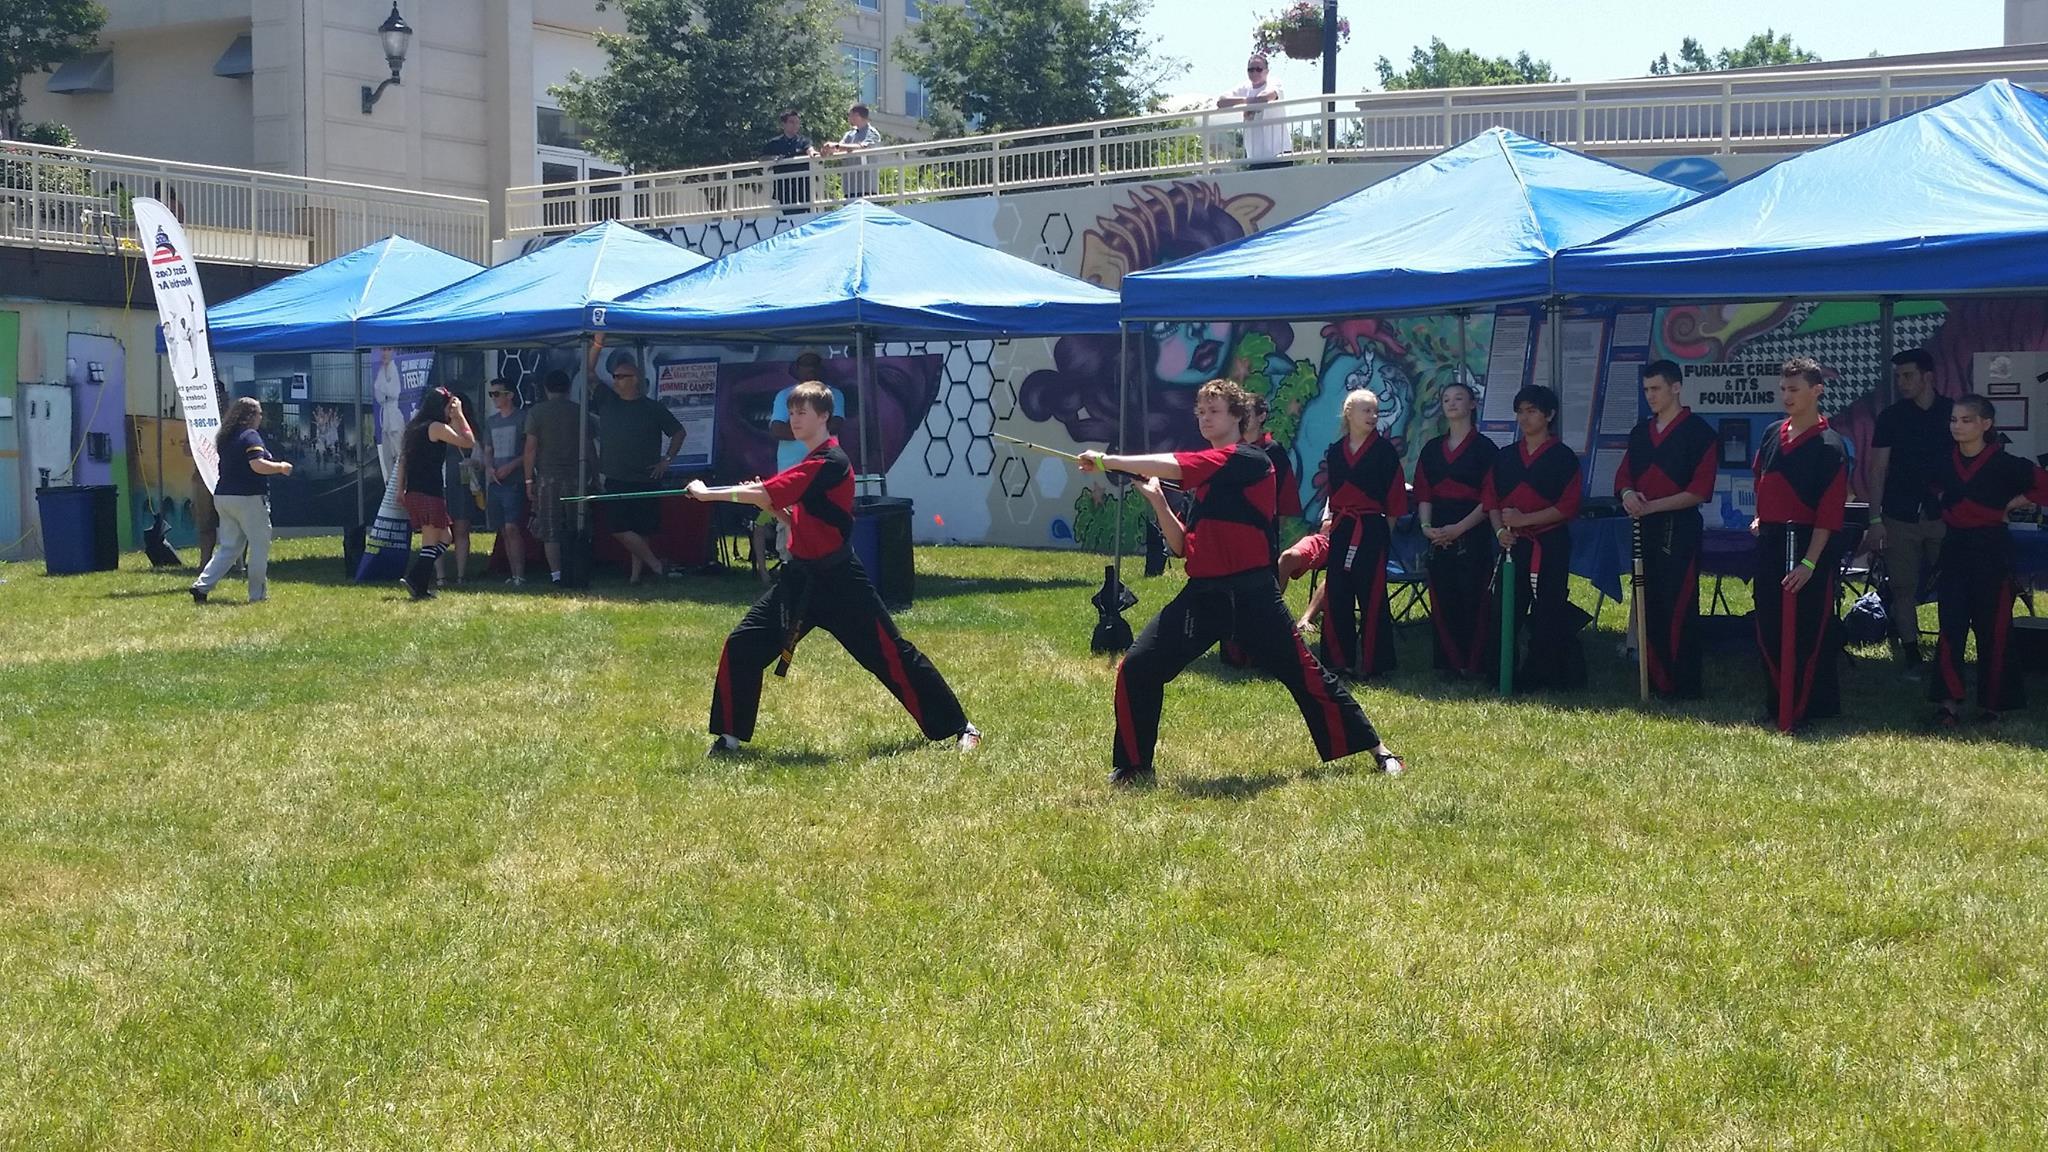 The East Coast Martial Arts society